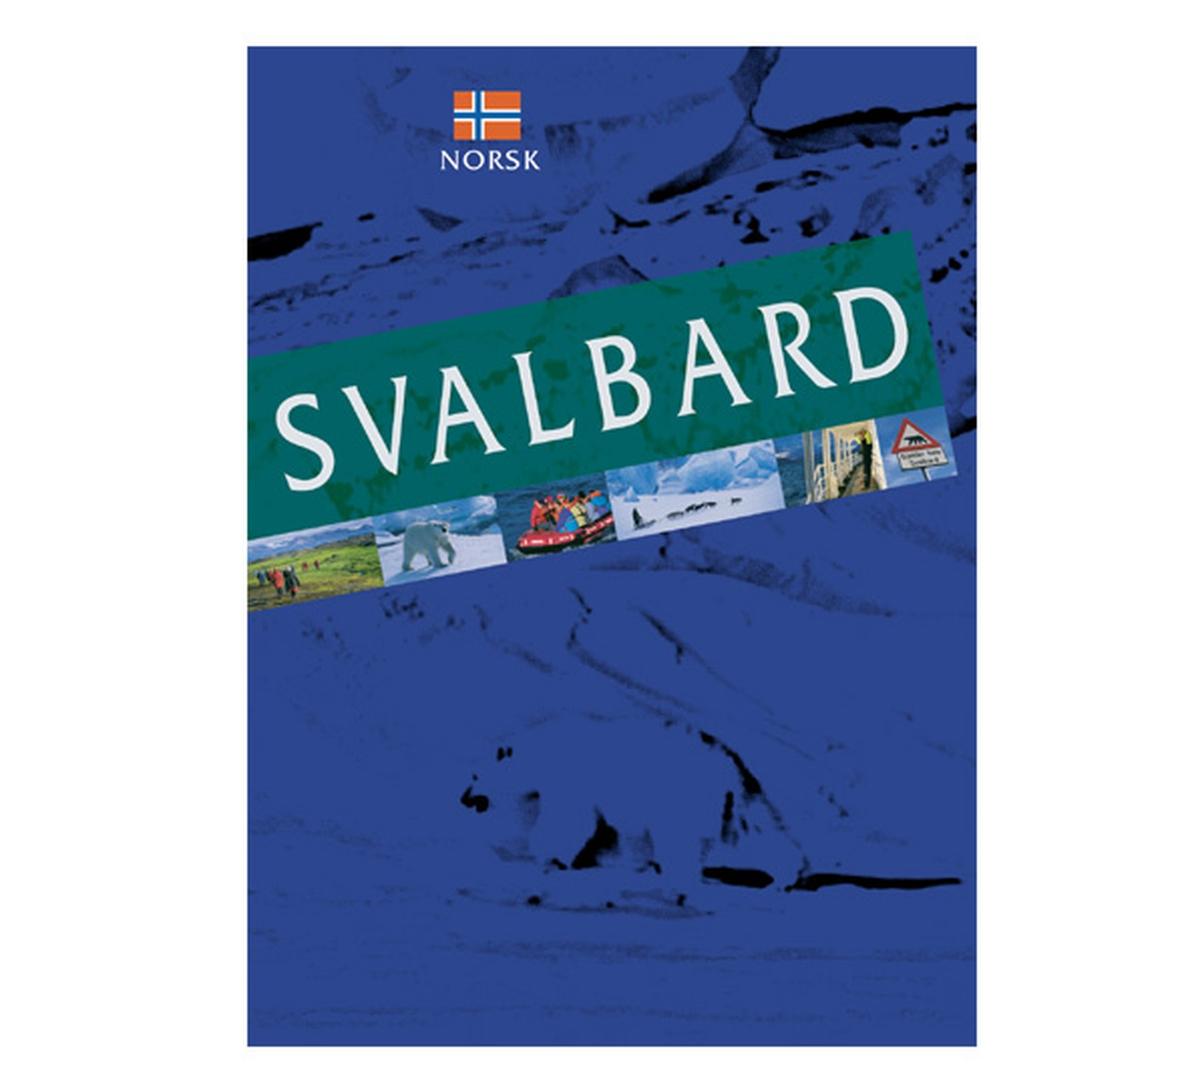 Svalbard - landet med de kalde kyster